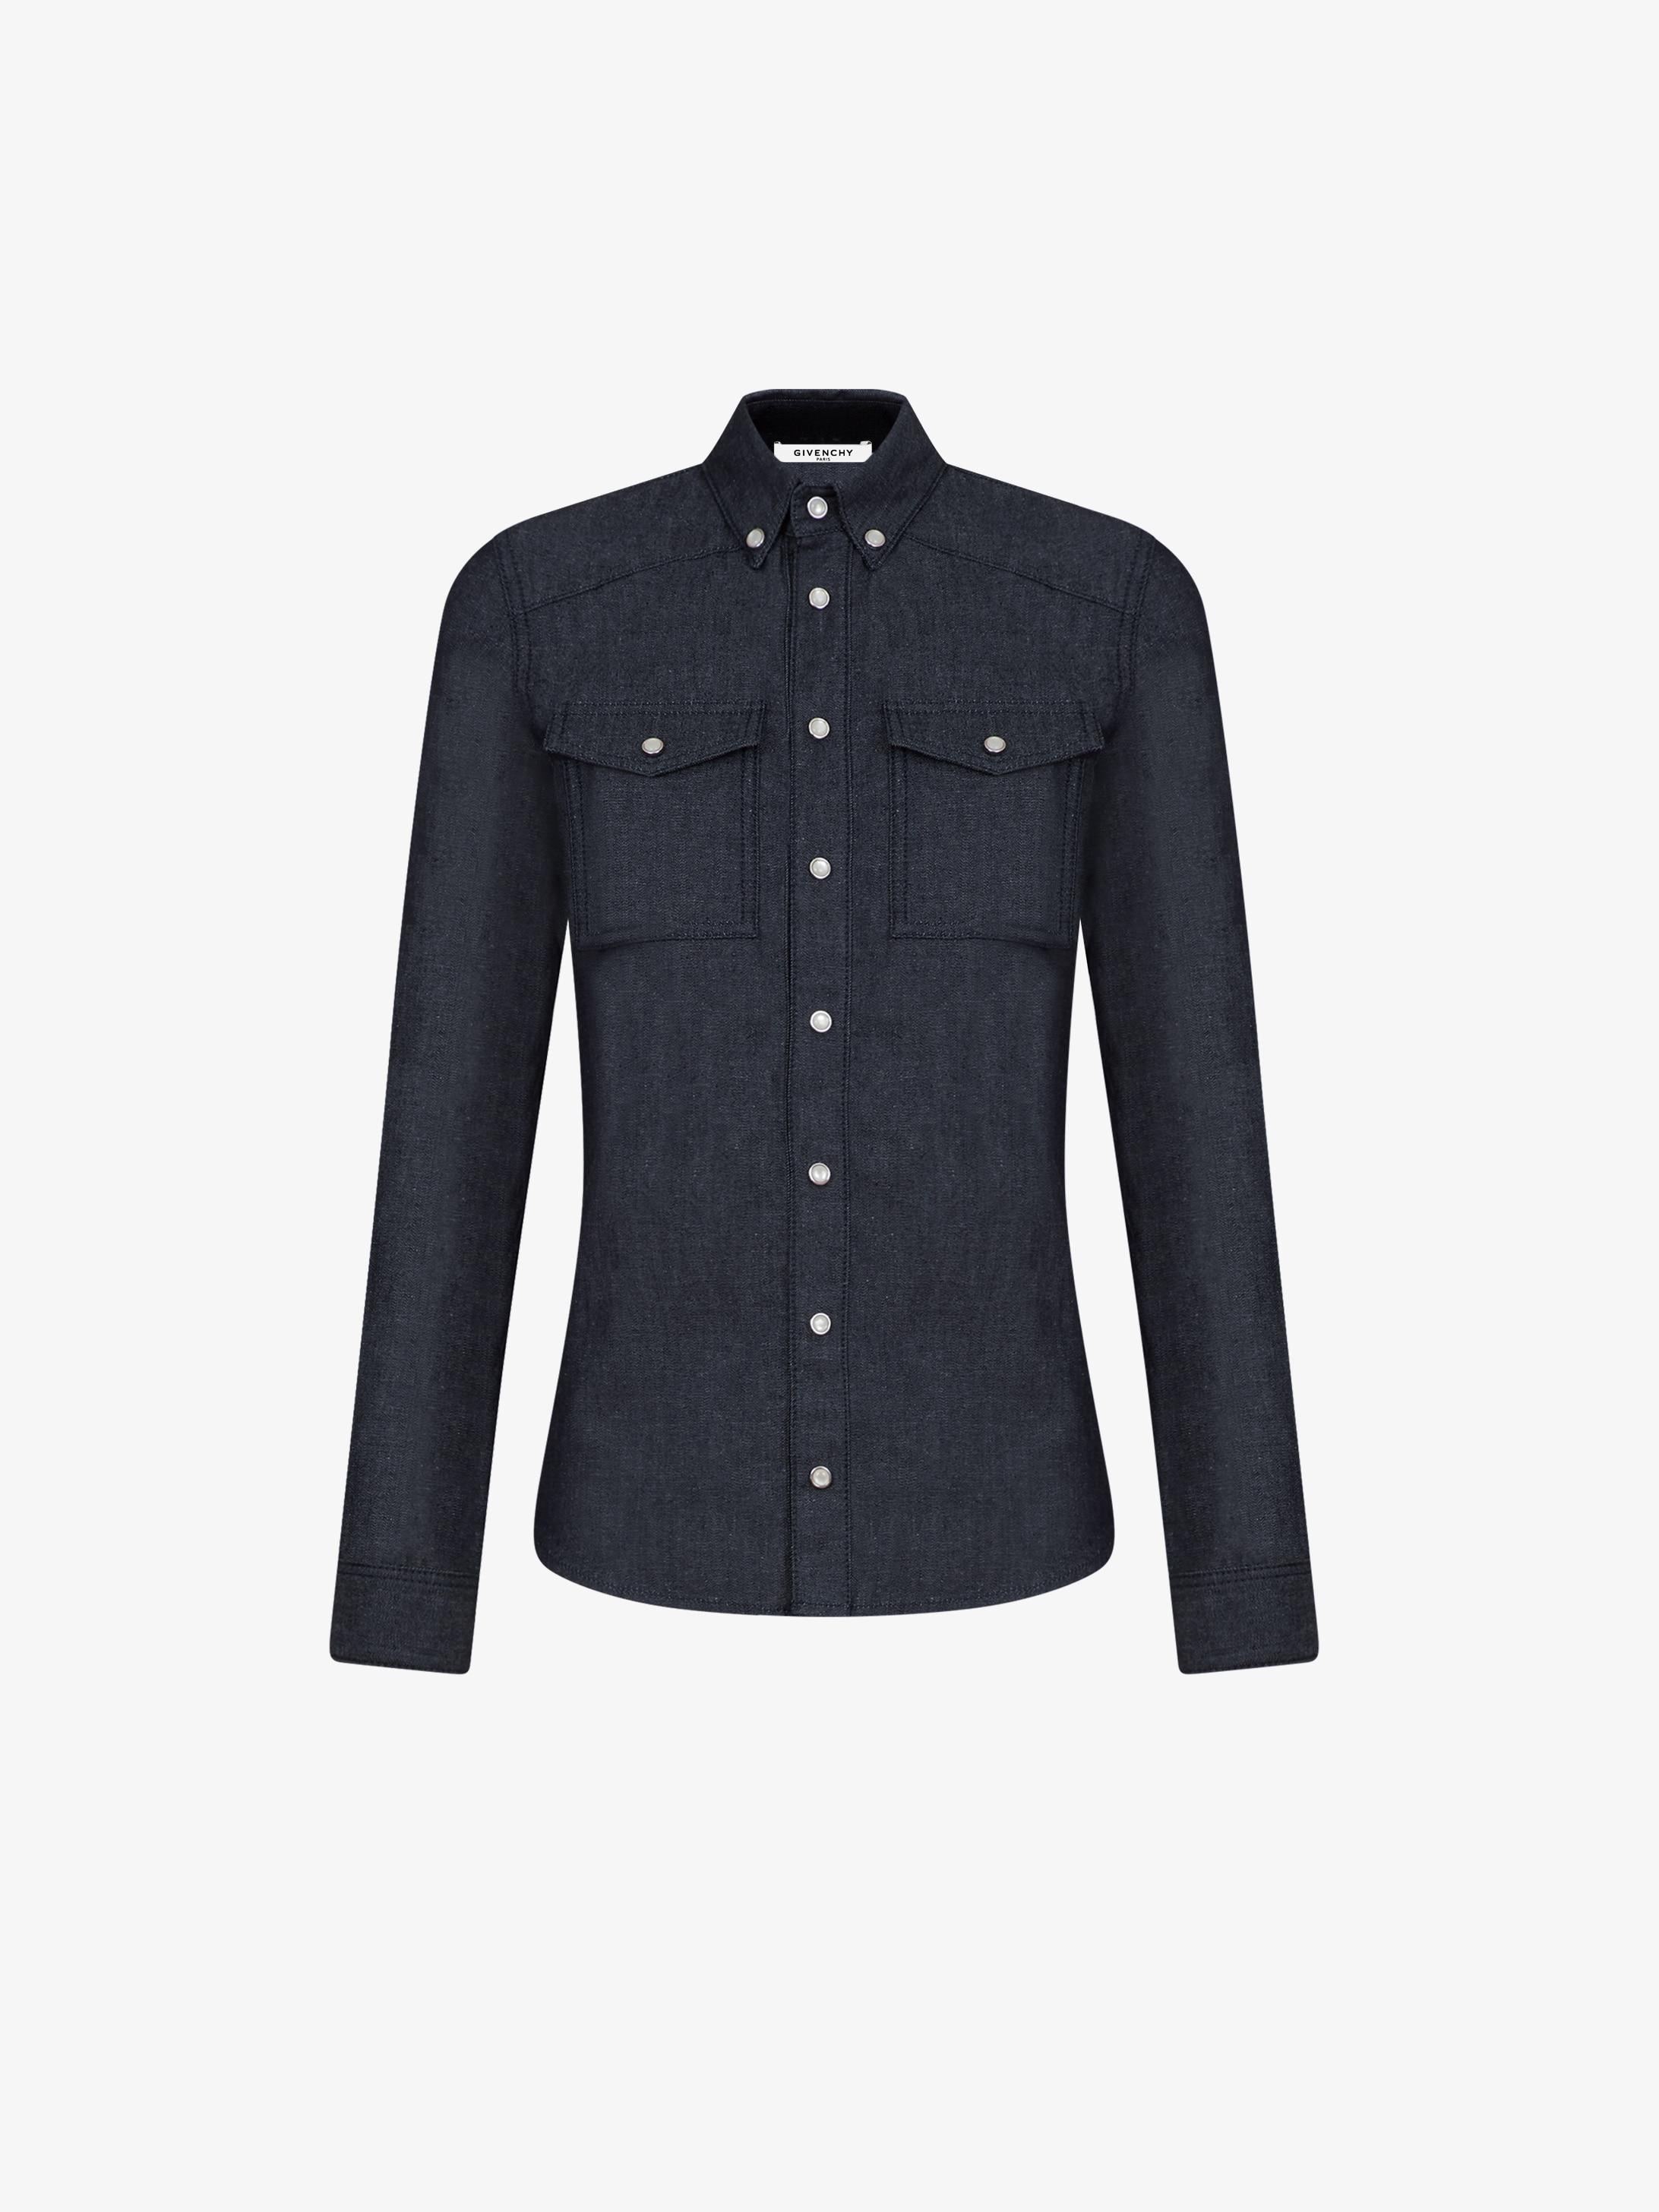 GIVENCHY PARIS denim slim shirt